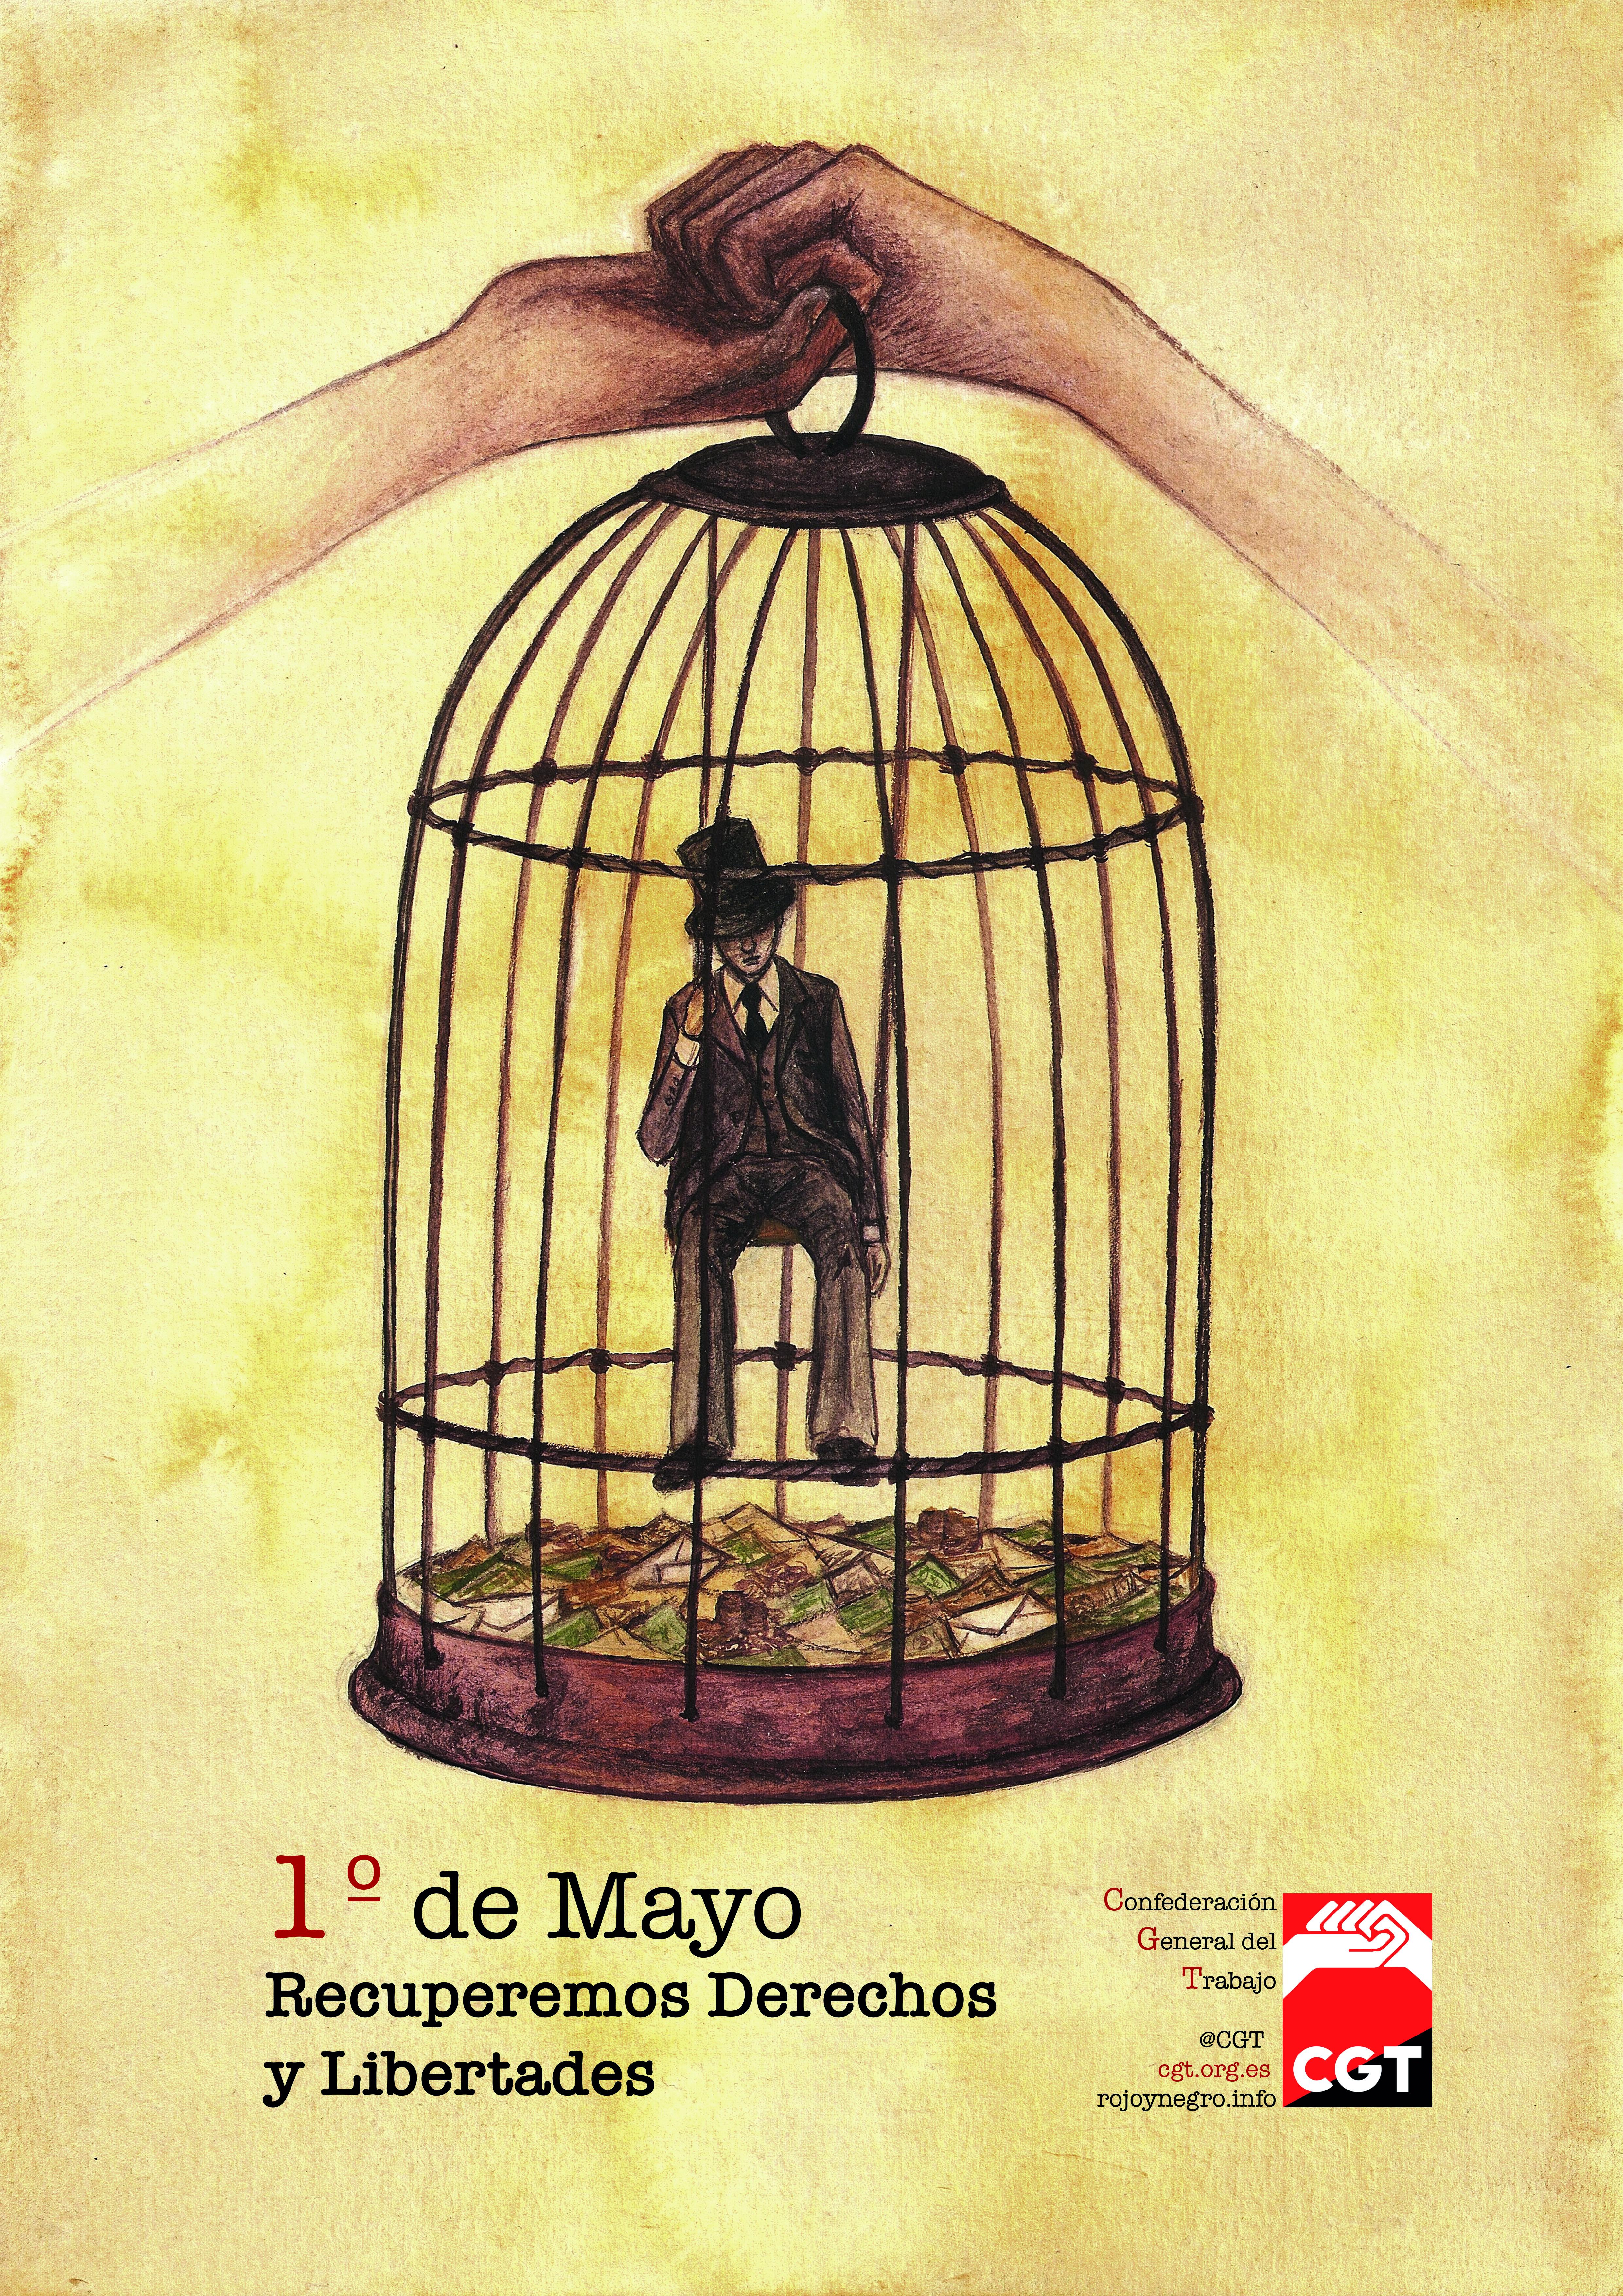 Cartel Cgt 1 de Mayo